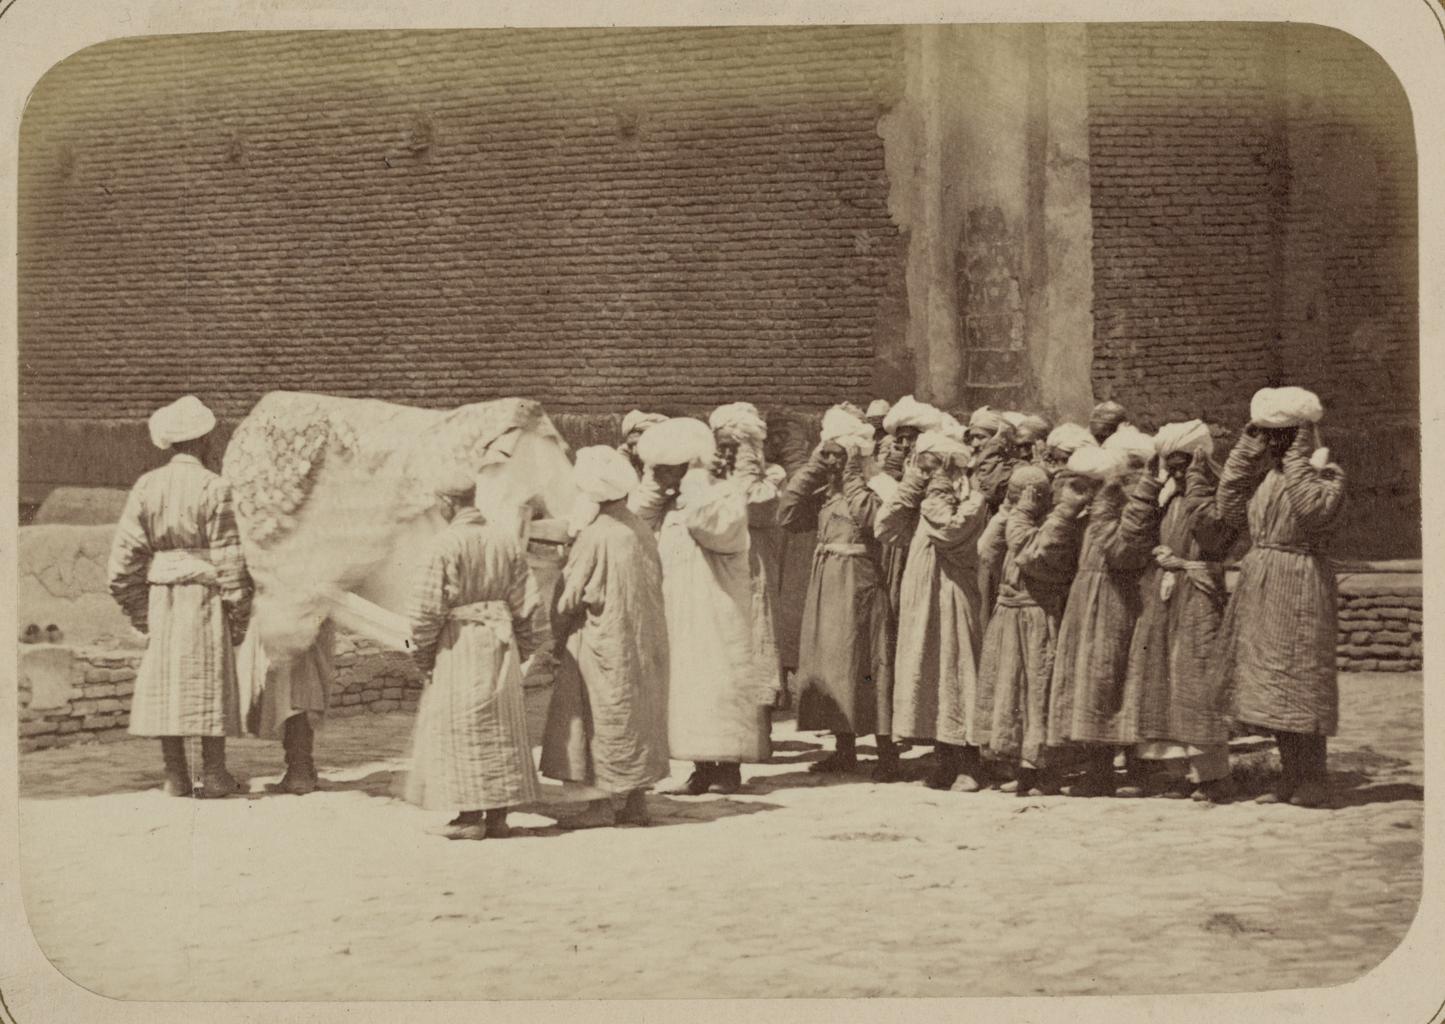 Погребальные обычаи. Таджикские похороны. Процессия